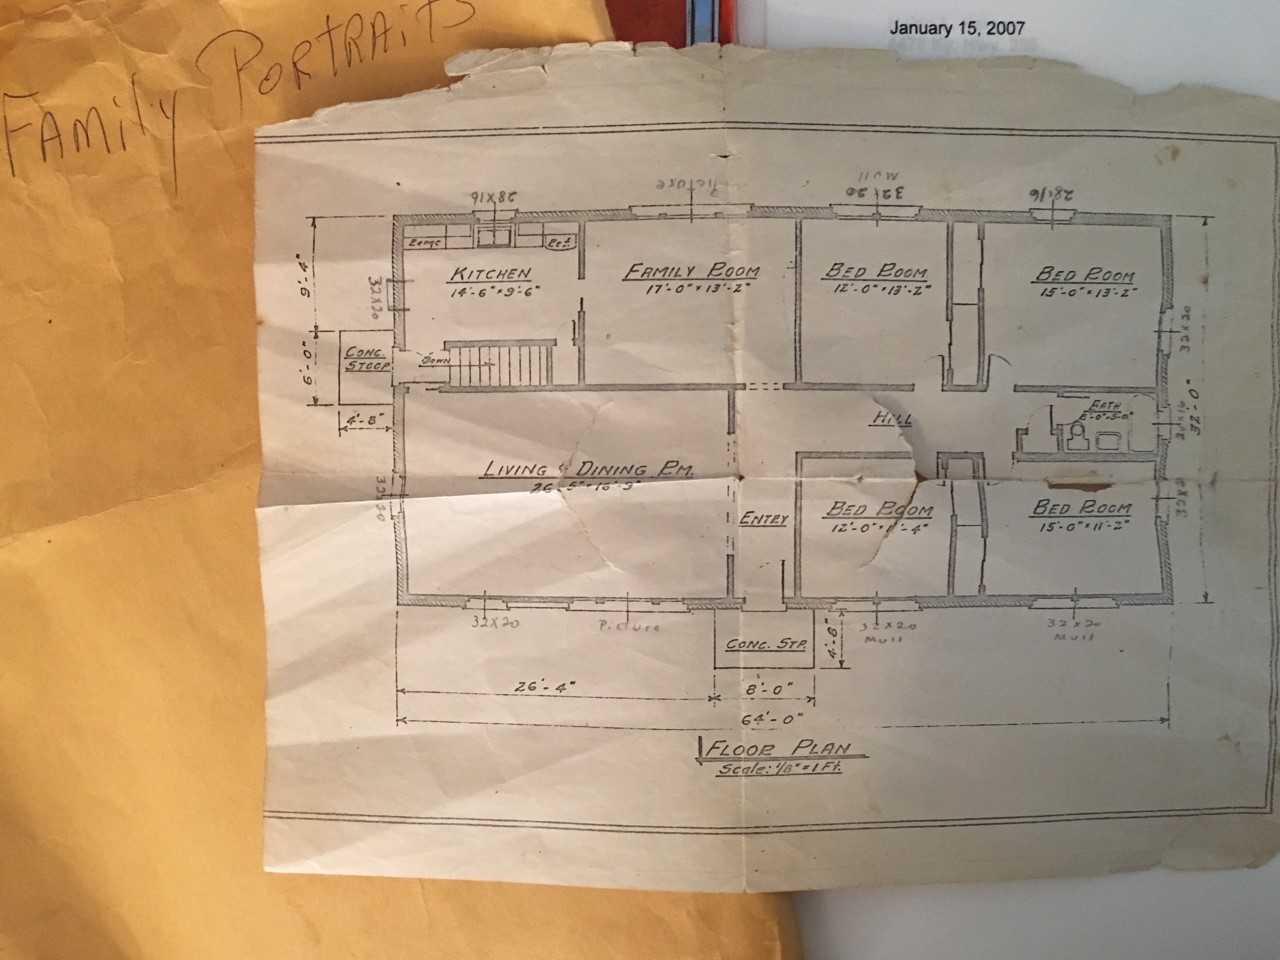 garage wire diagram air hogs ride wiring librarygarage wire diagram air hogs ride